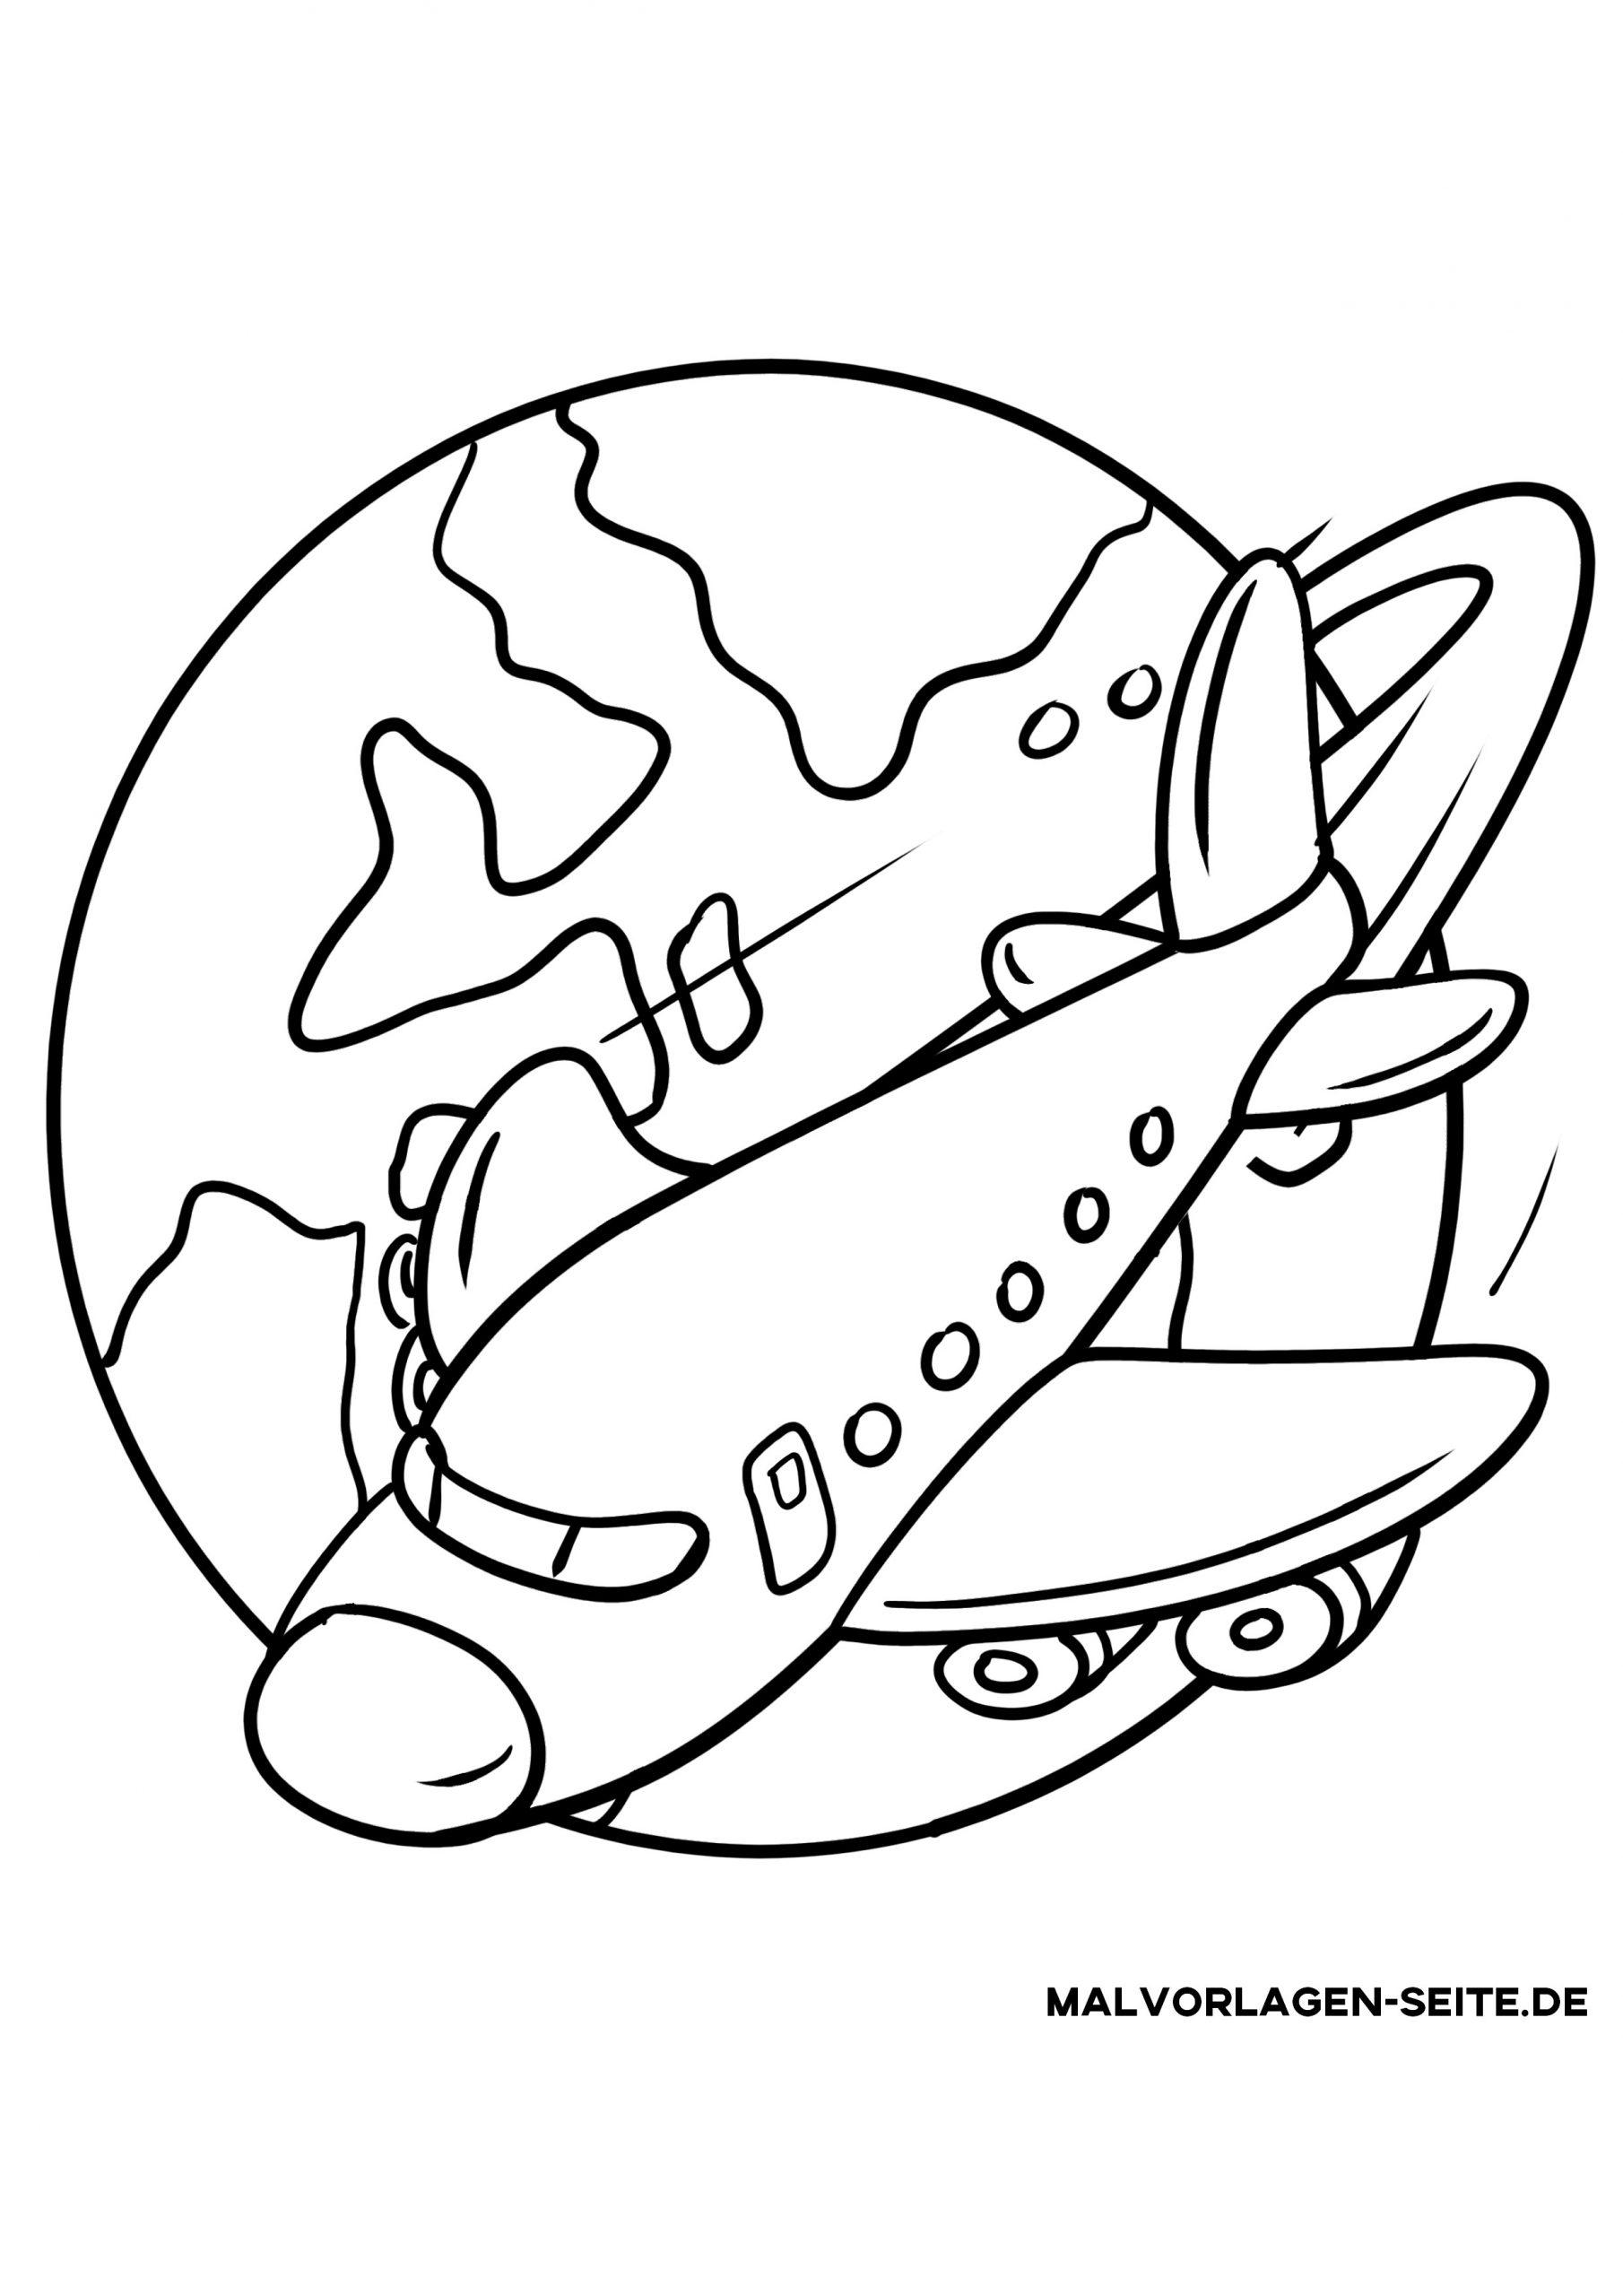 Malvorlage Urlaub - Flugzeug - Ausmalbilder Kostenlos verwandt mit Ausmalbild Flugzeug